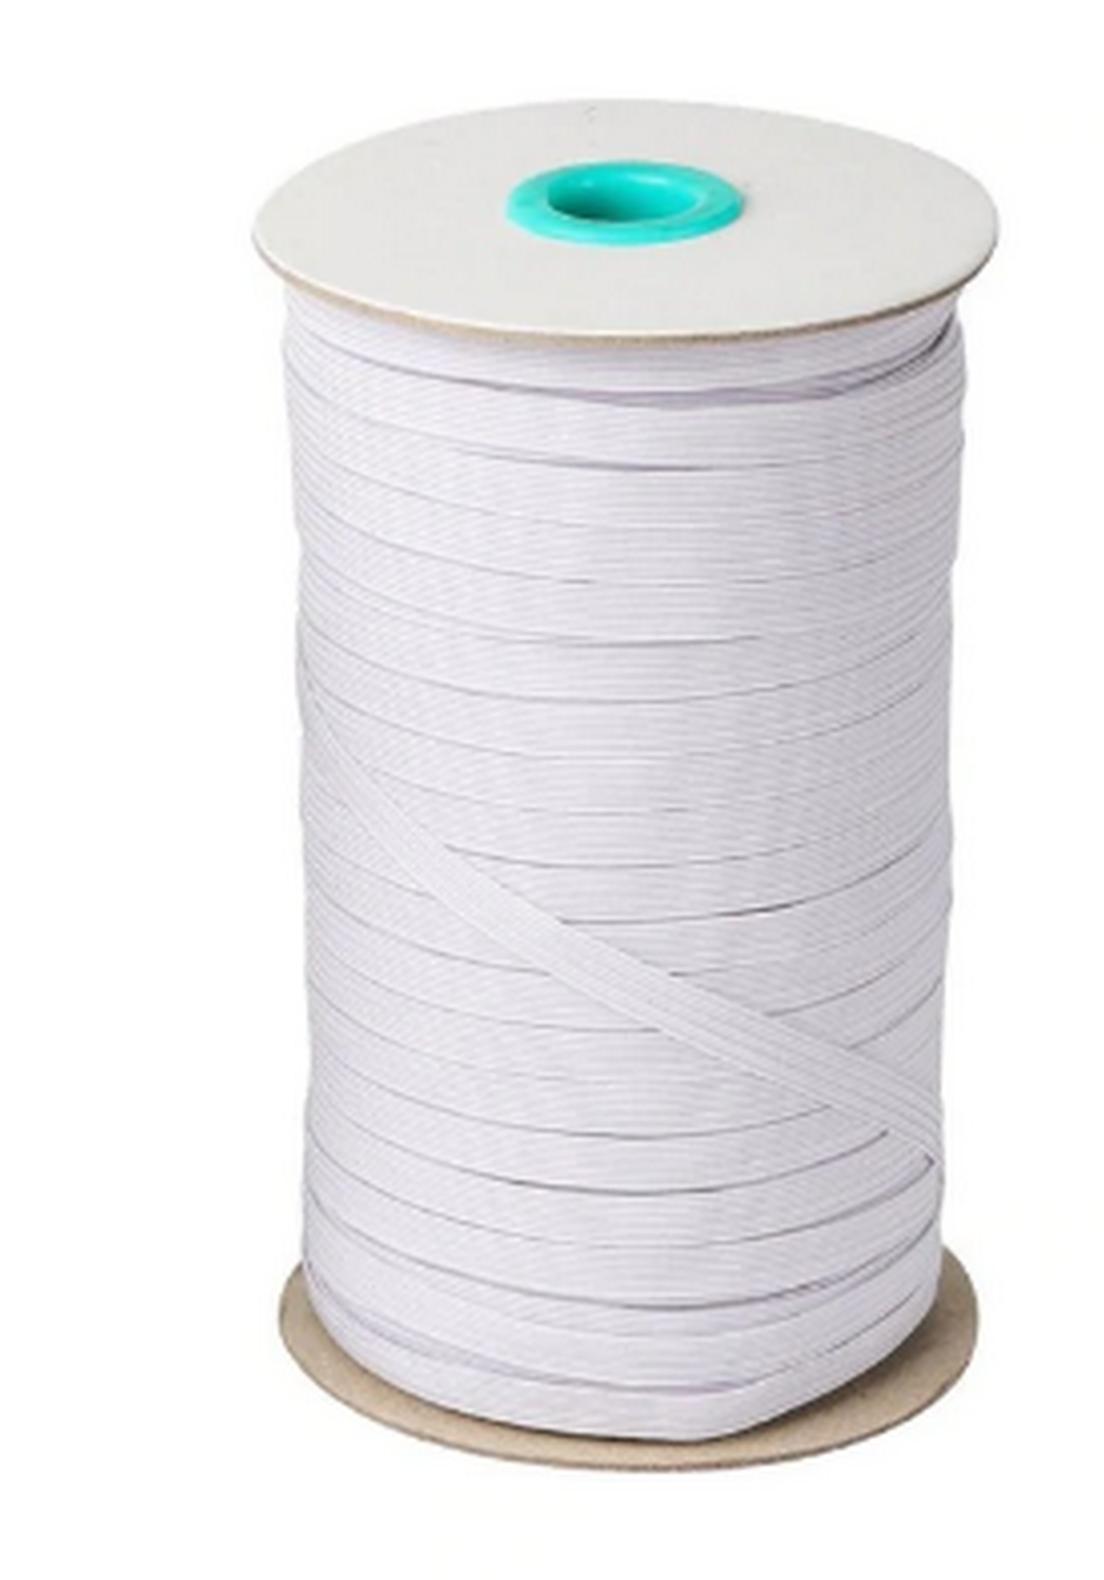 Elastique couture blanc plat 6 mm pour masque caoutchouc 5M 10M 15M 20M 2